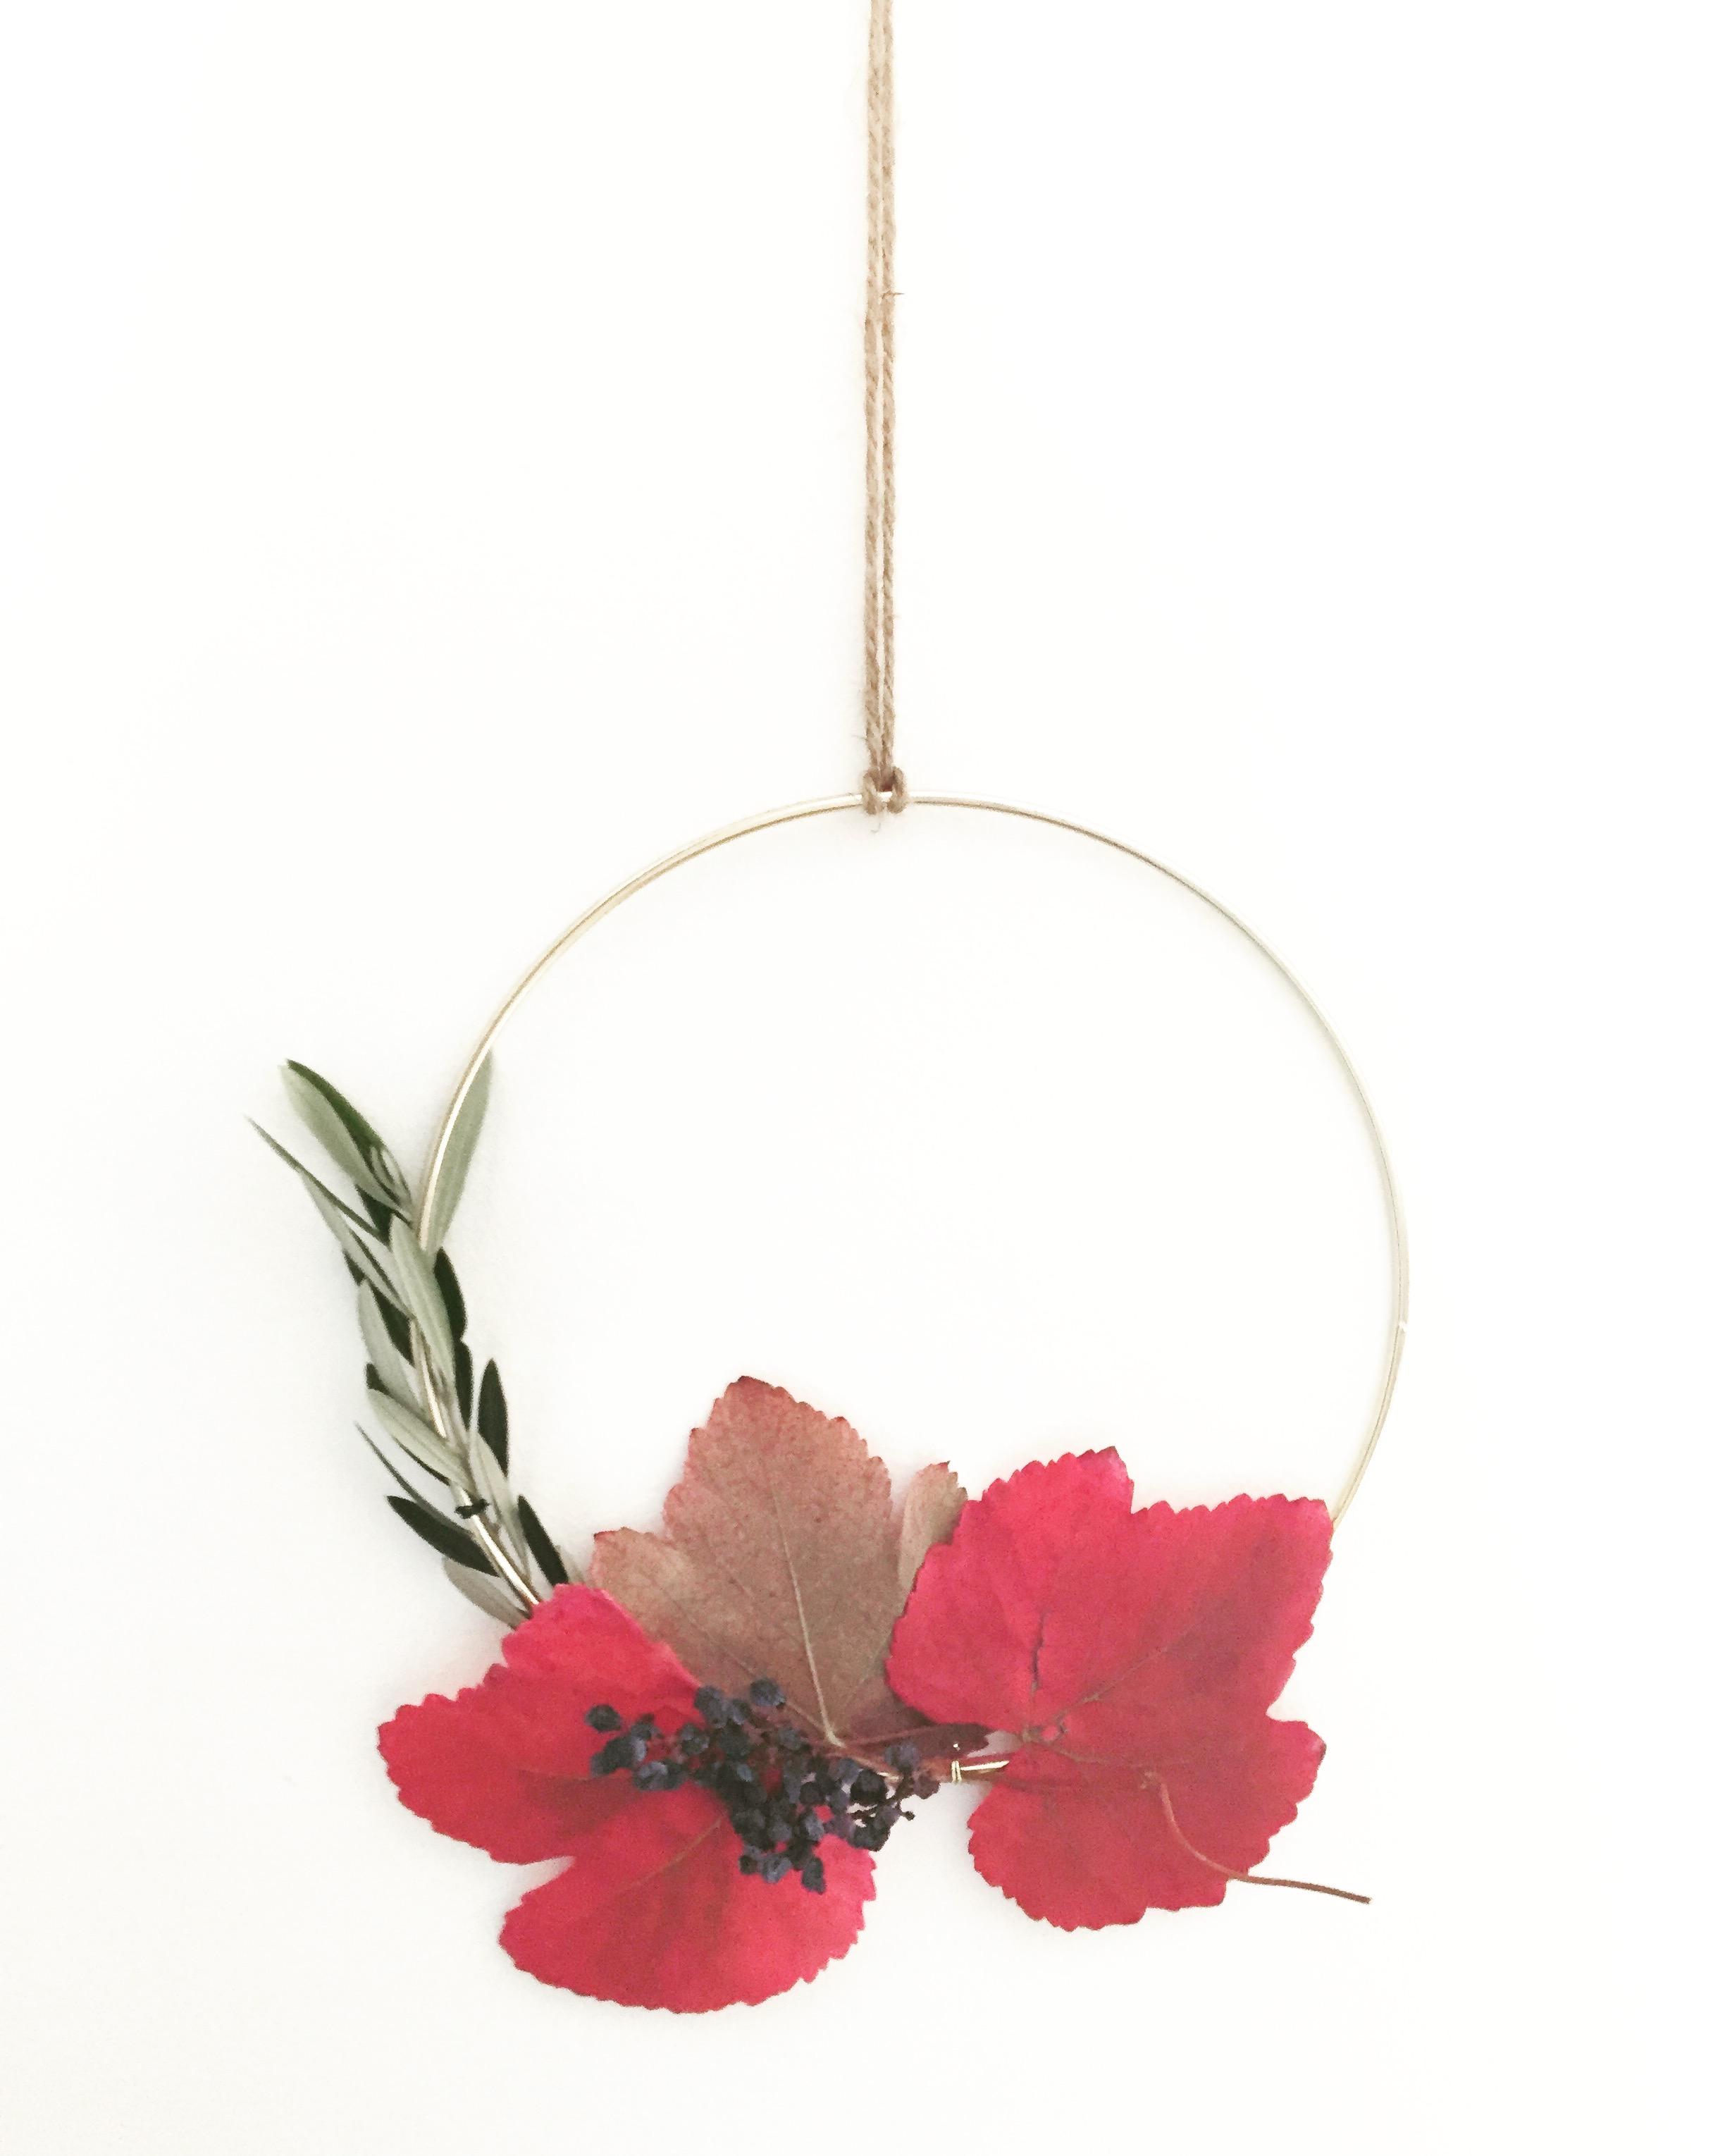 DIY Foraged Wreath 7